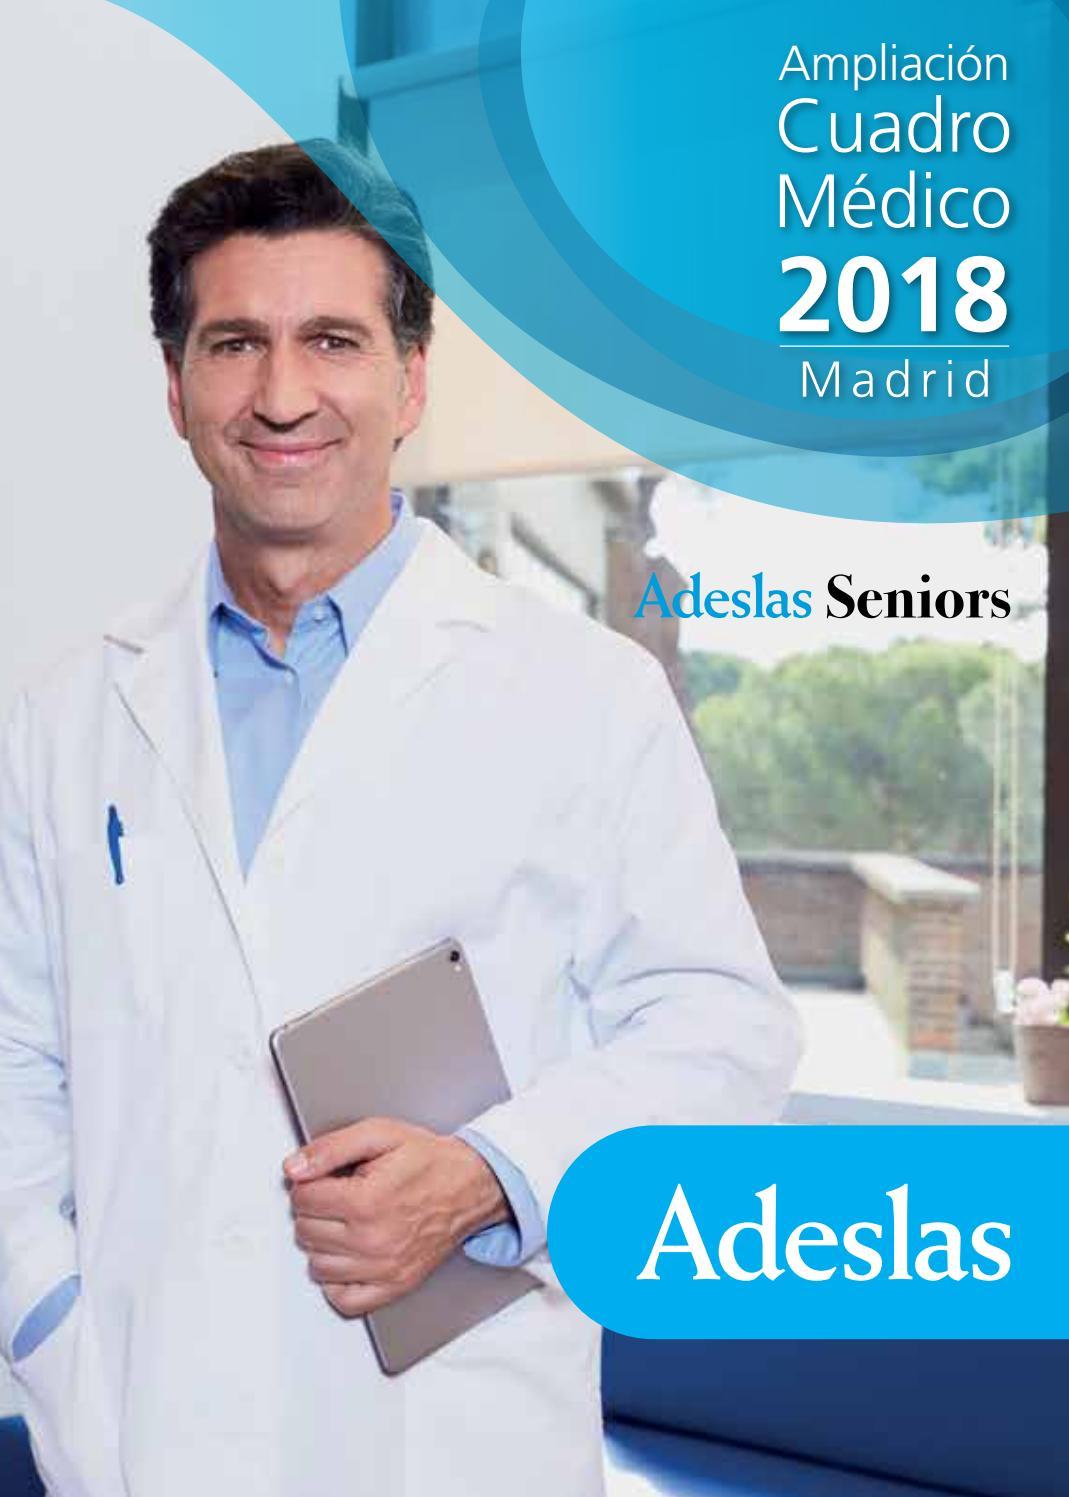 Ampliaci n cuadro m dico 2018 adeslas seniors by seguros torrelodones issuu - Oficinas de adeslas en madrid ...